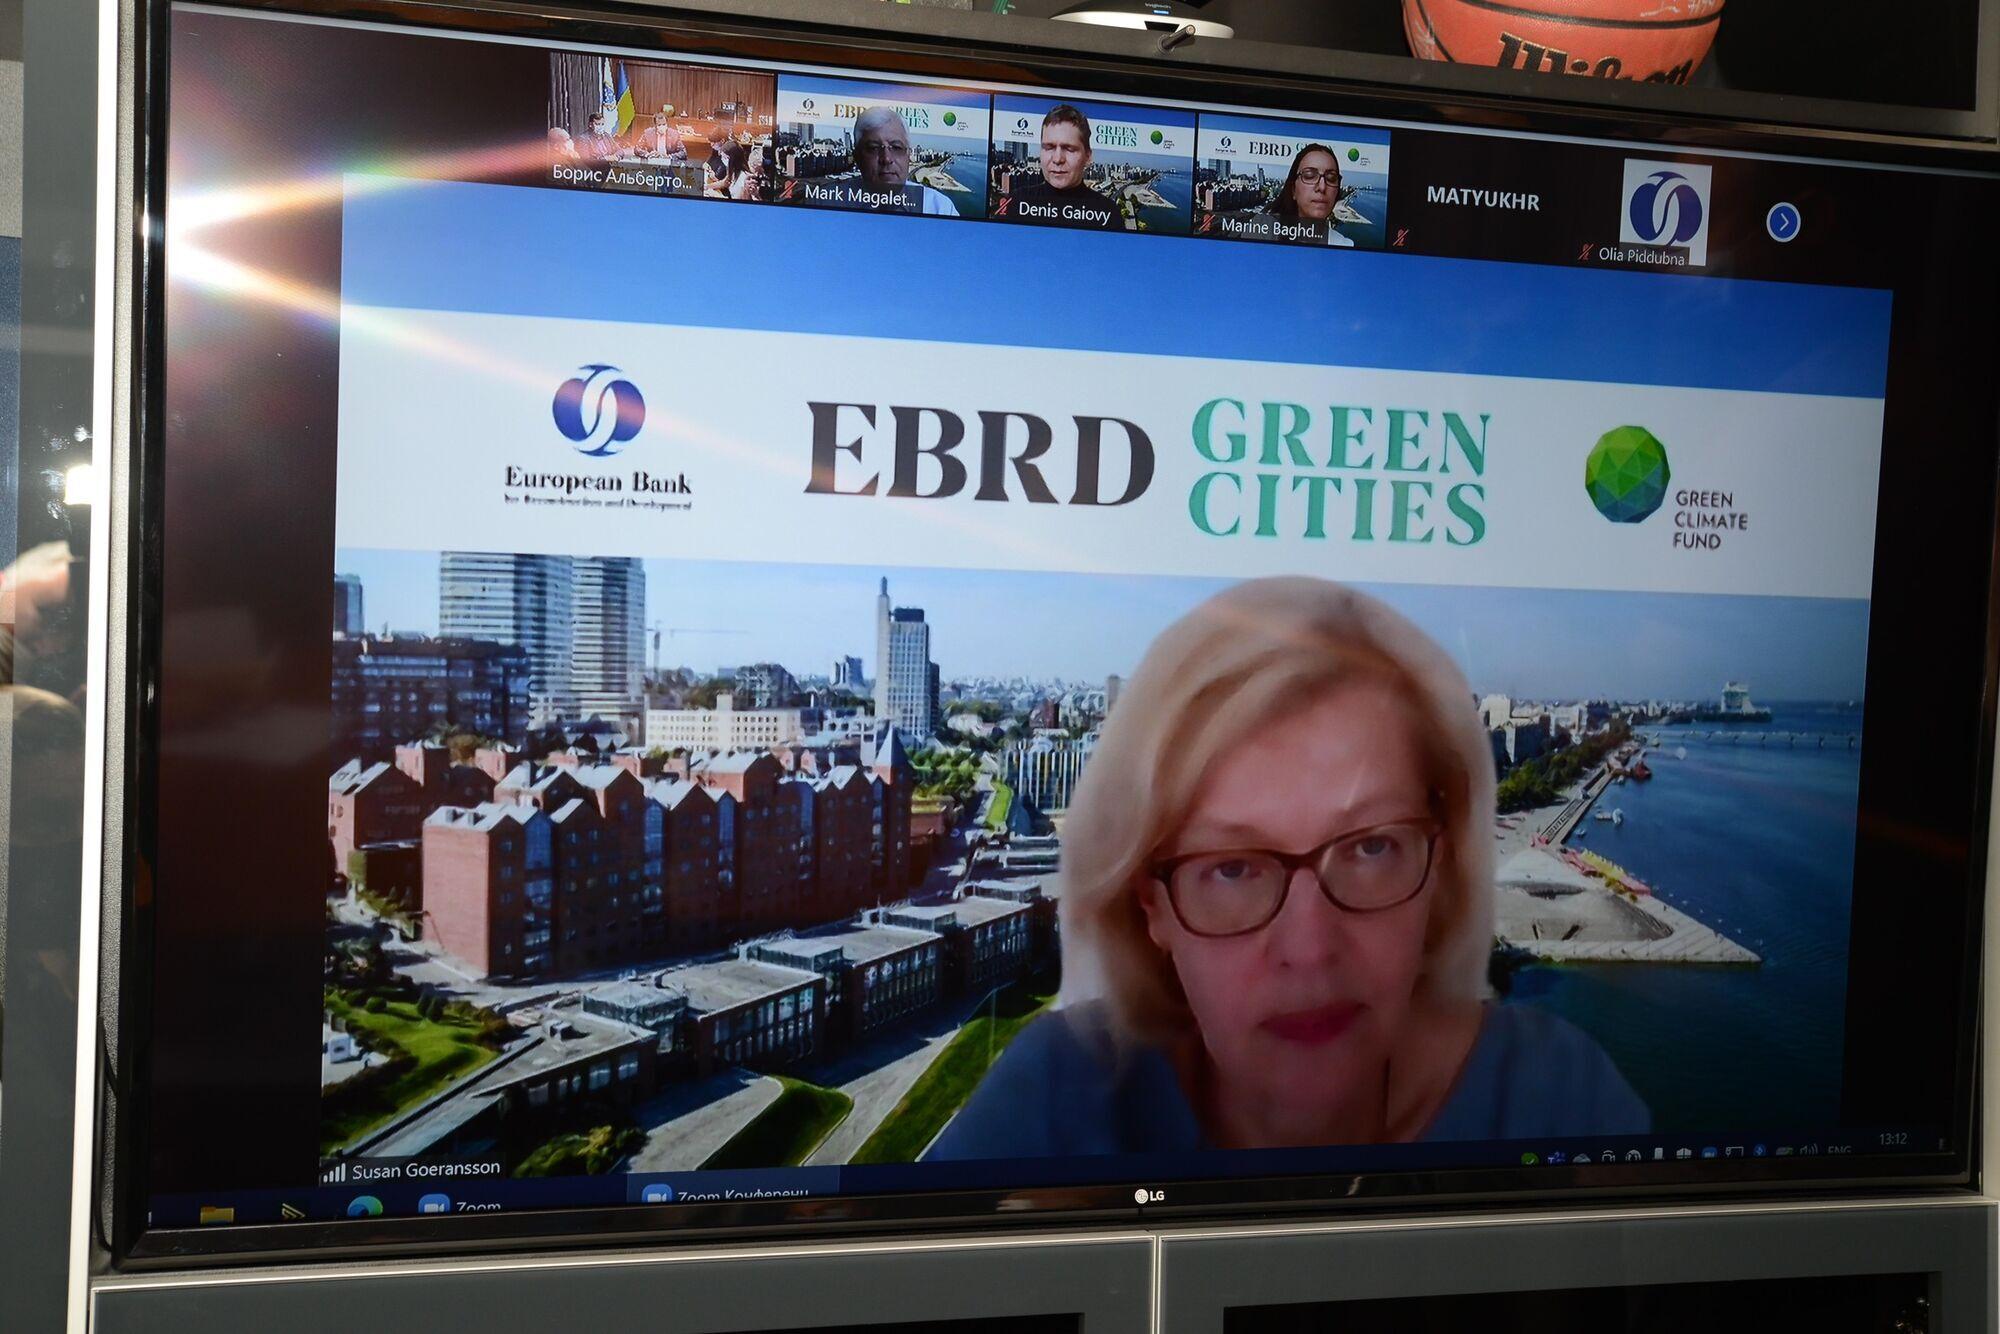 Директор инфраструктурных проектов в Европе ЕБРР Сьюзан Горанссон